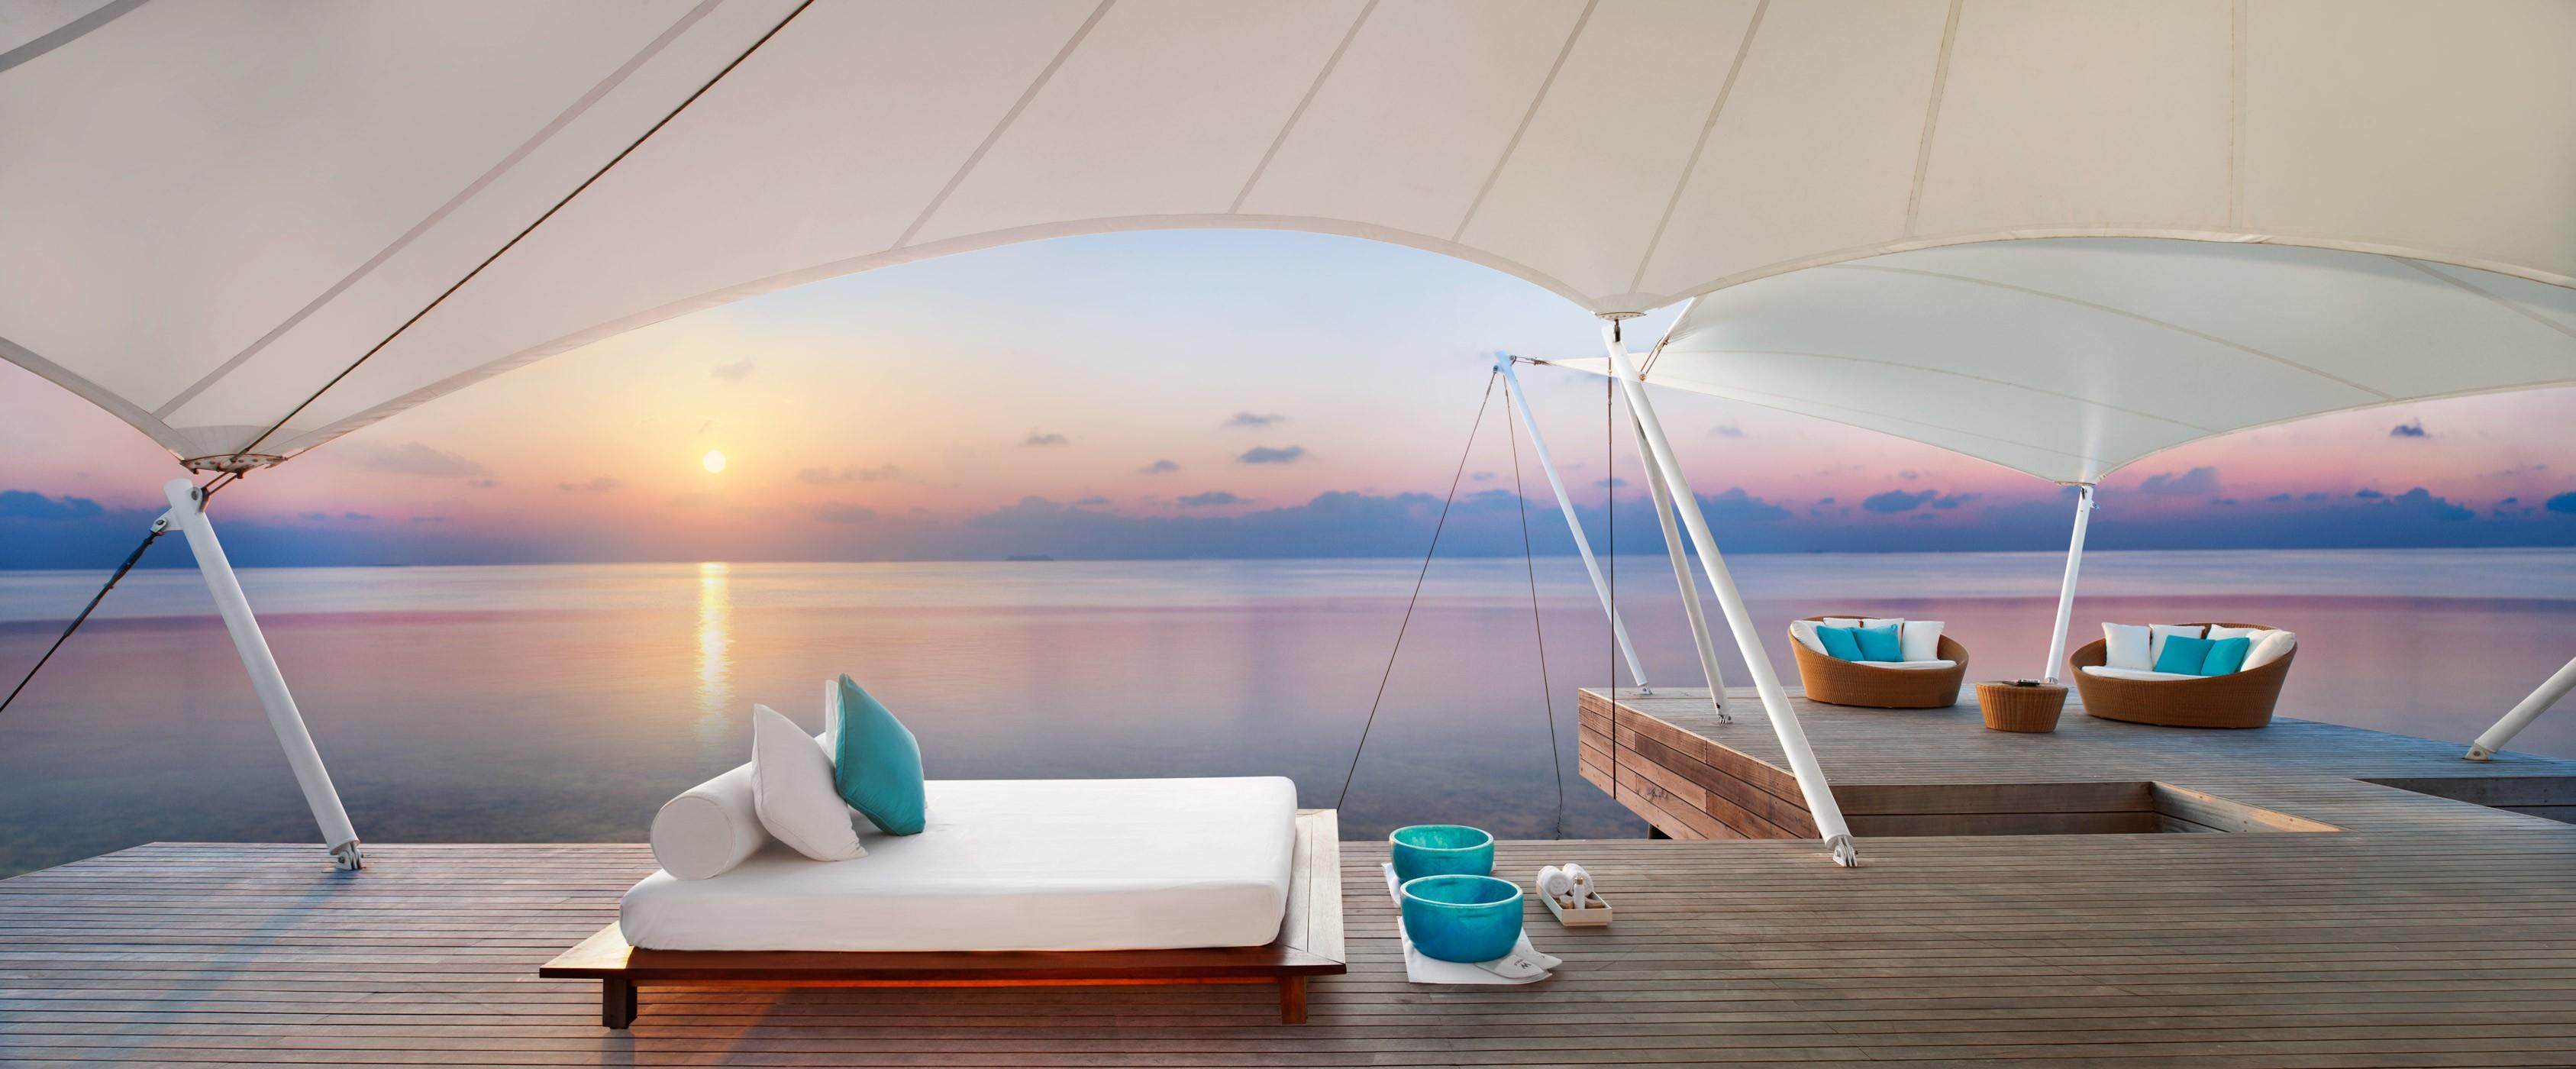 FesduIsland_Maldives_011